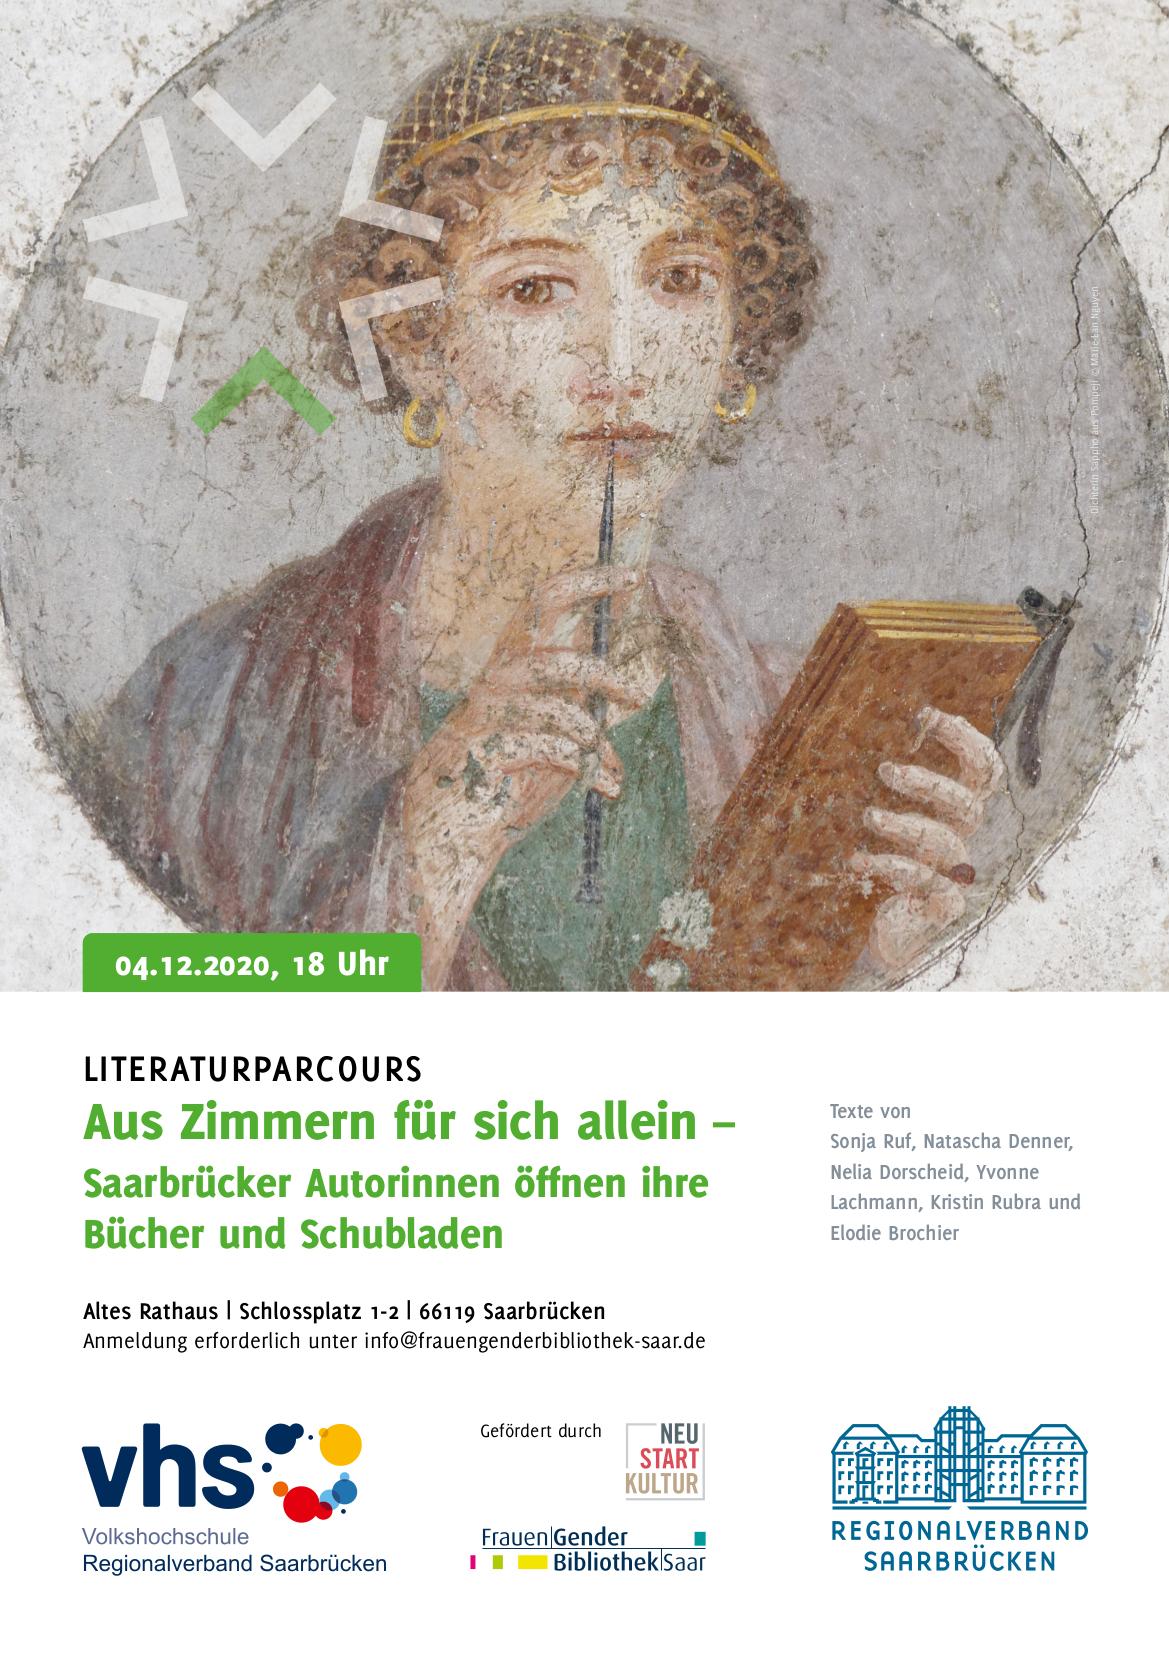 Literaturparcours mit Saarbrücker Autorinnen am Freitag, 4. Dezember 2020, um 18 Uhr